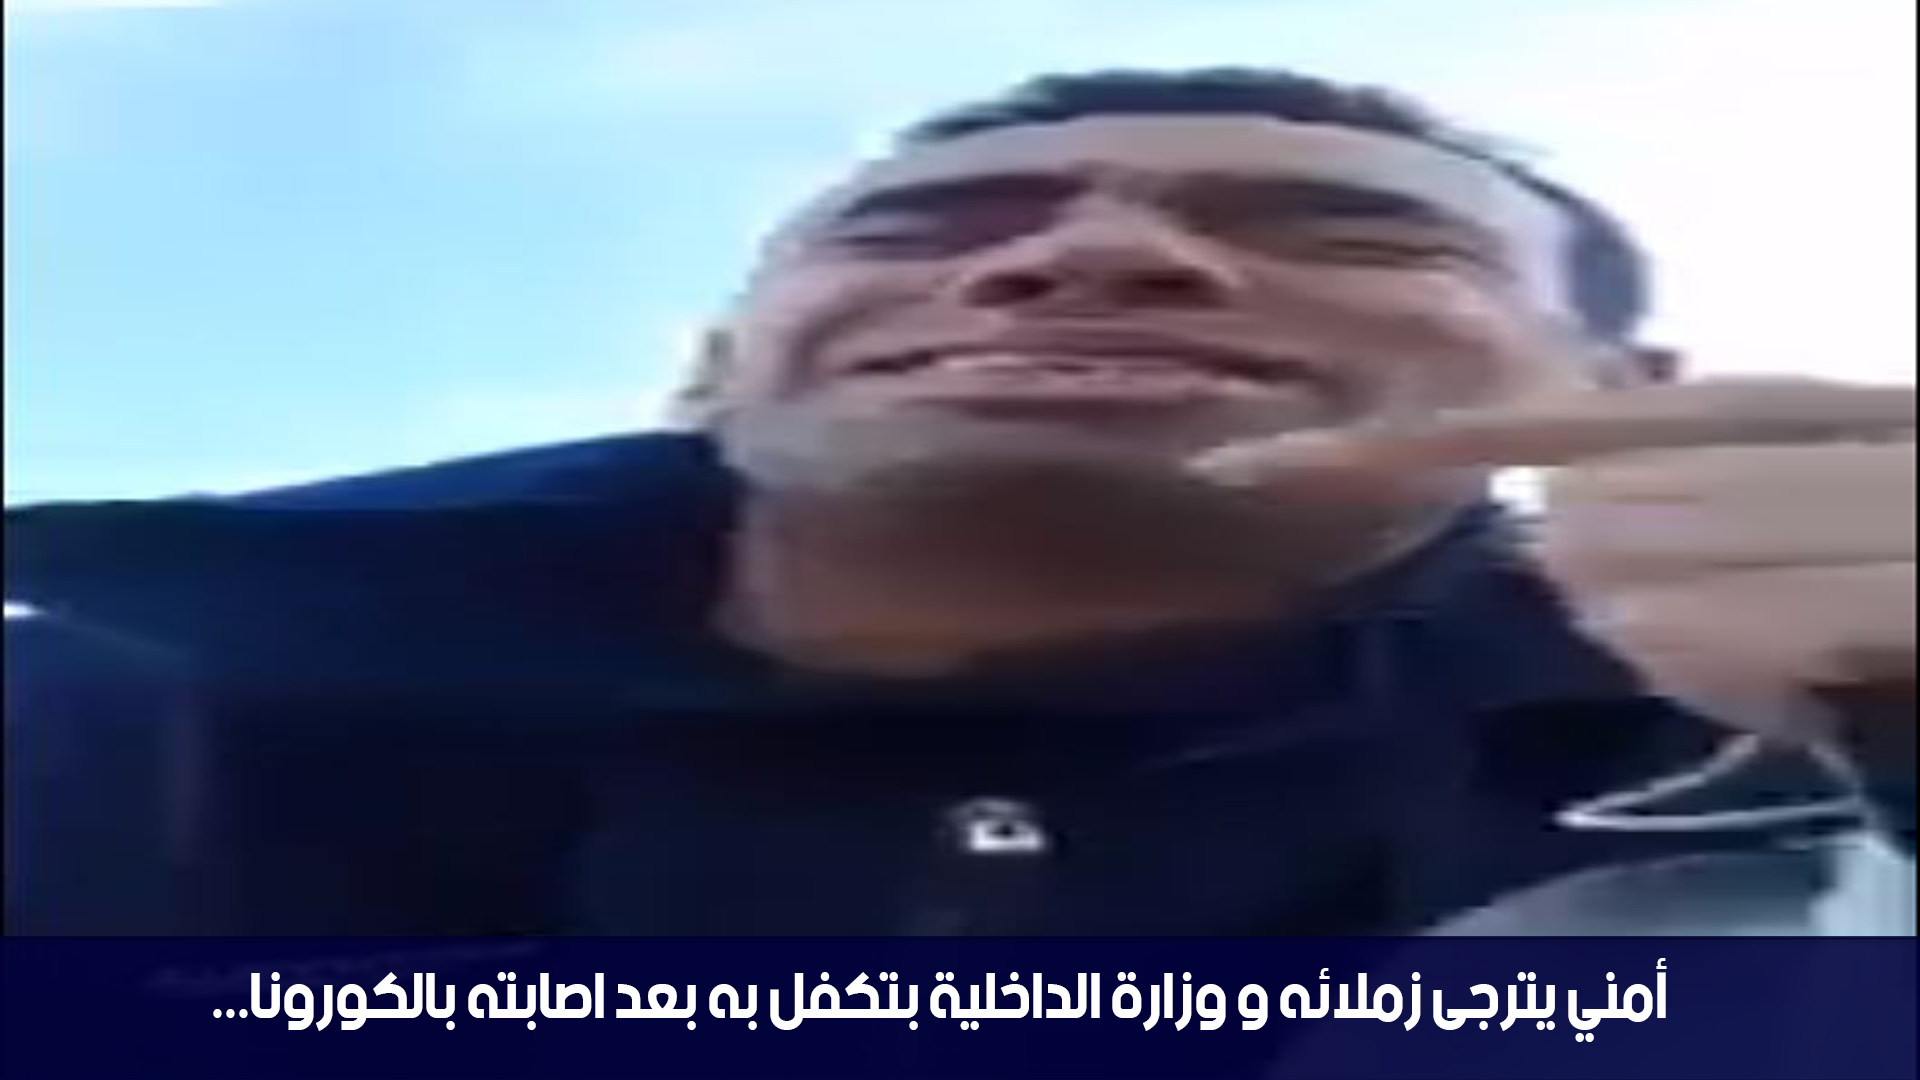 أمني يترجى زملائه و وزارة الداخلية بتكفل به بعد اصابته بالكورونا...